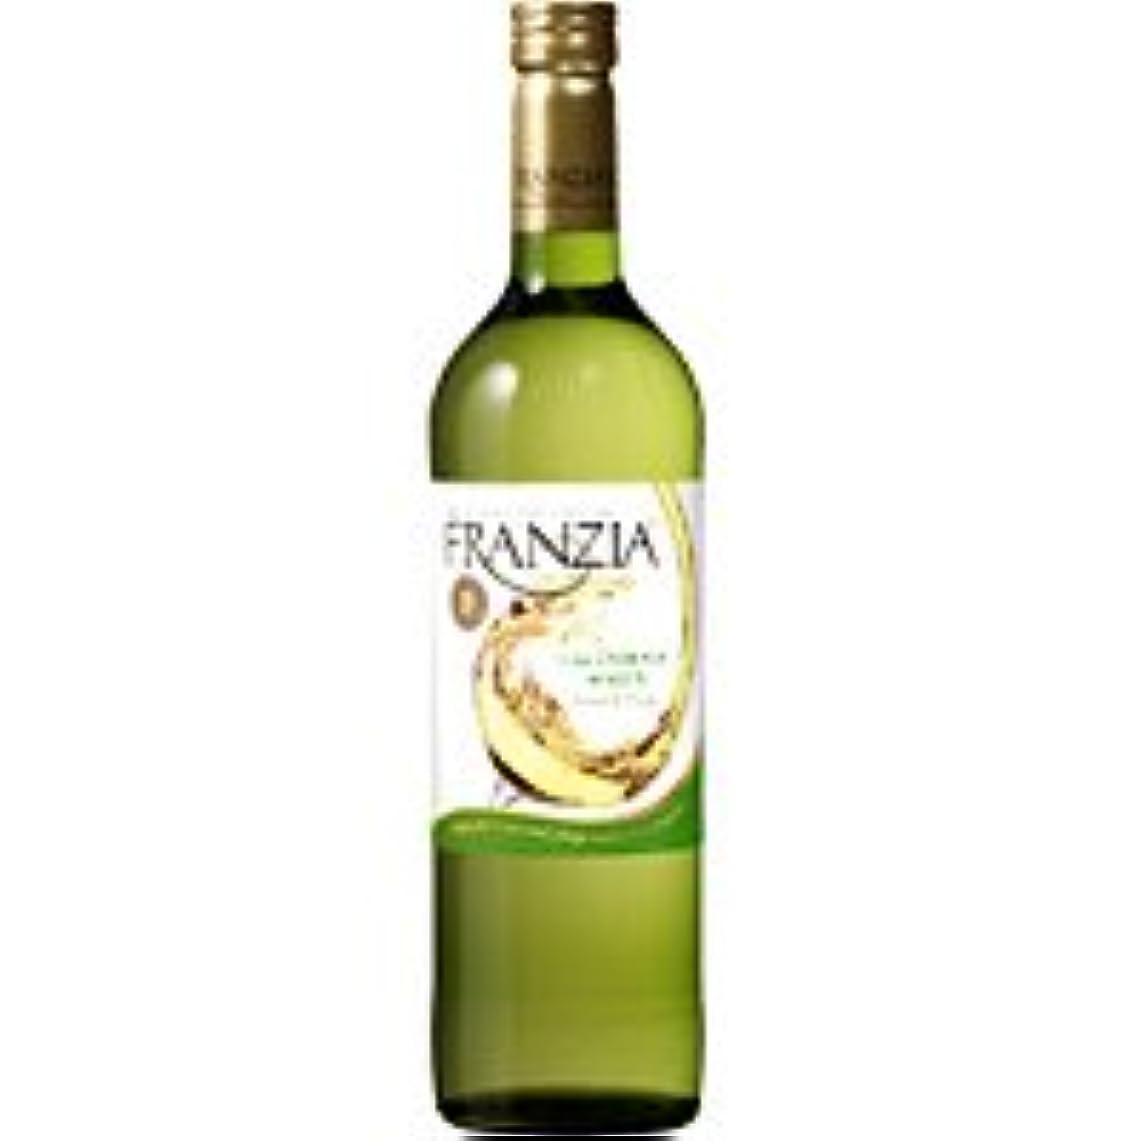 アンペア締め切り収入フランジア 白 750ml瓶(スクリューキャップ) 750ML 1本